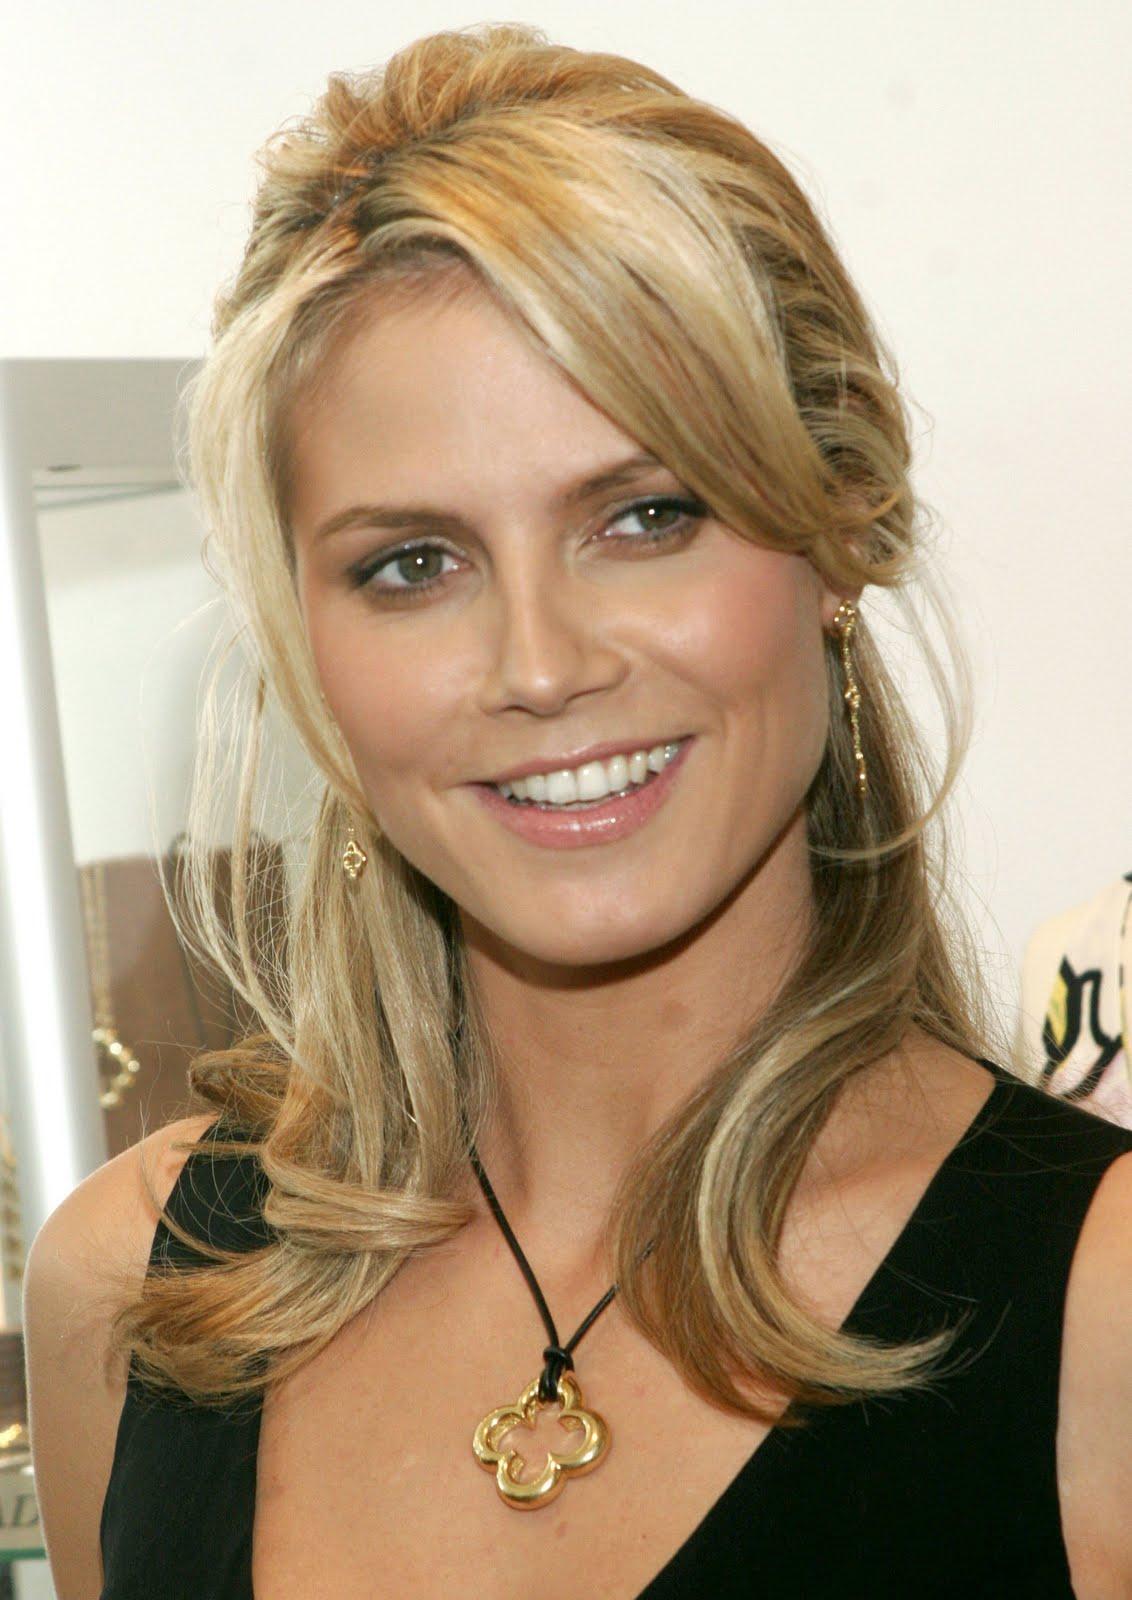 http://1.bp.blogspot.com/-OUoQnQfjWyc/TcVbWBOBHHI/AAAAAAAAApE/ojBFimWIAKk/s1600/f-Heidi-Klum-1-2540.jpg